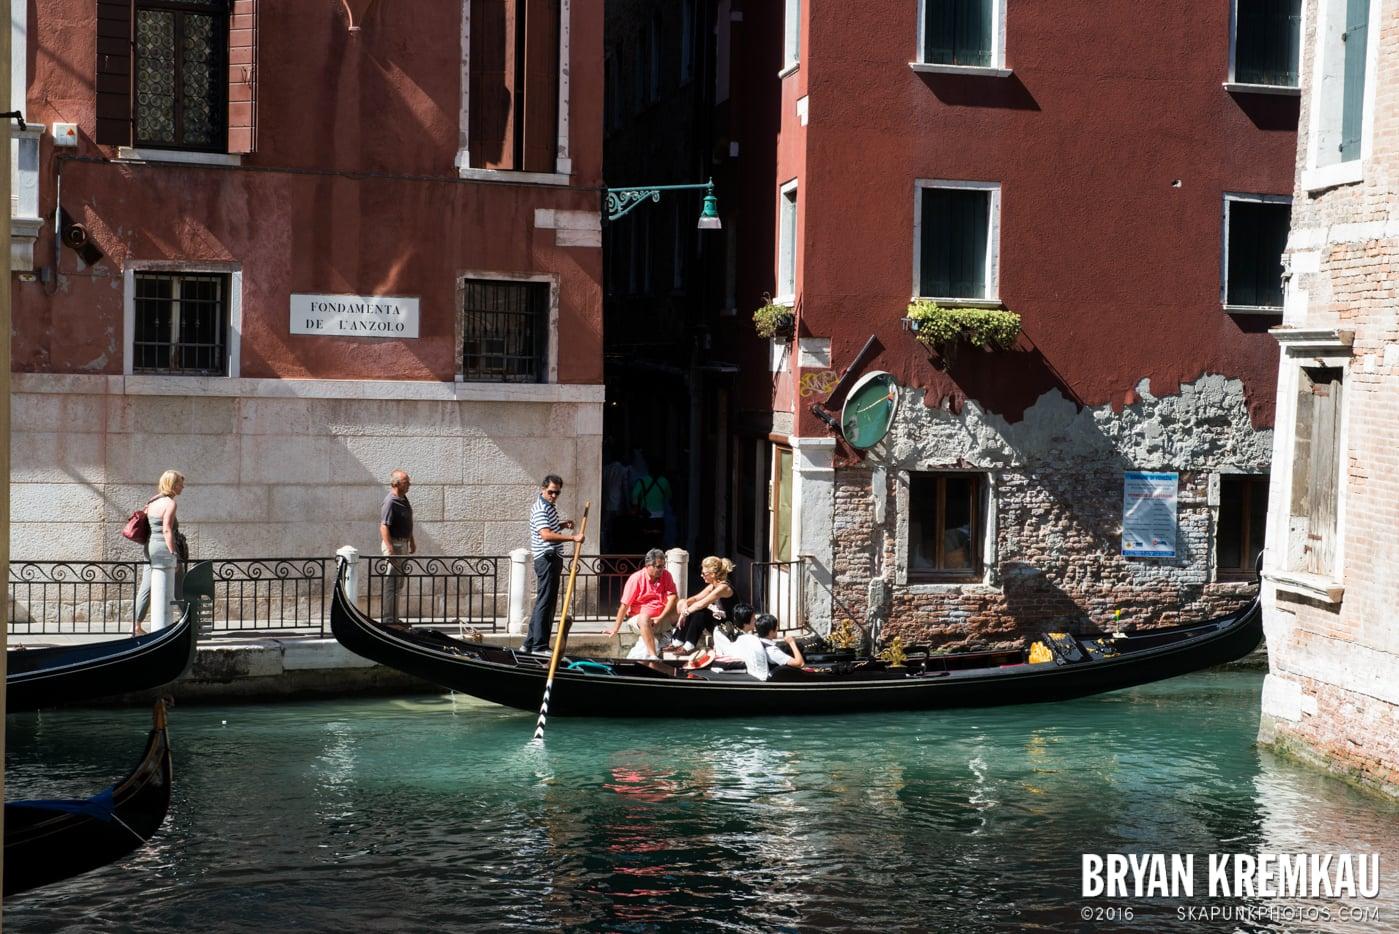 Italy Vacation - Day 4: Venice - 9.12.13 (81)